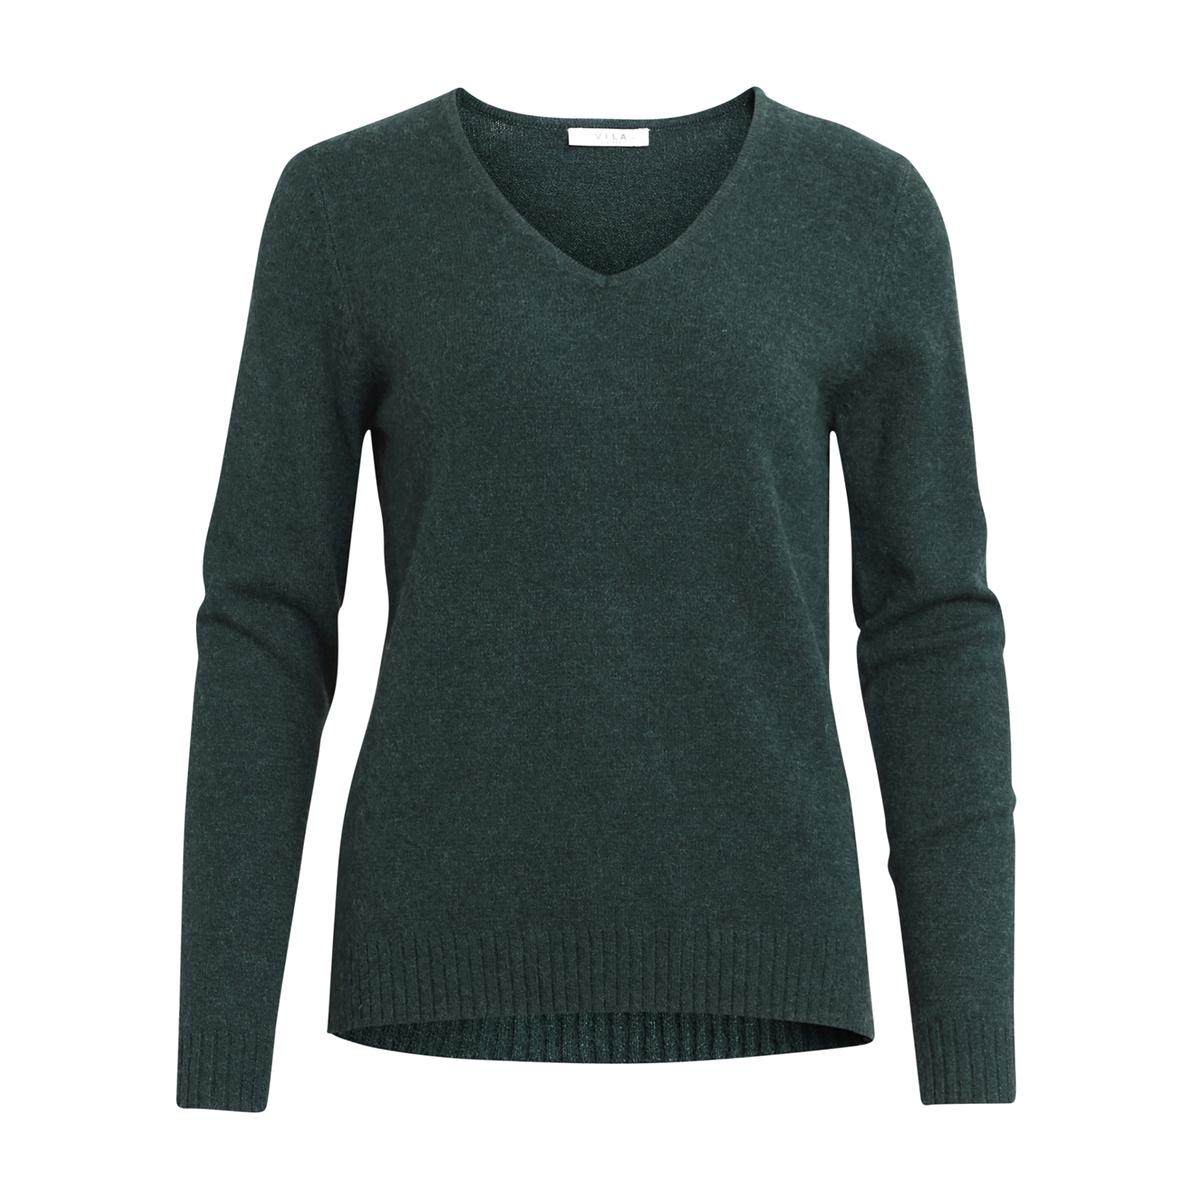 Пуловер из тонкого трикотажа с V-образным вырезомДетали •  Длинные рукава •   V-образный вырез •  Тонкий трикотаж Состав и уход •  50% вискозы, 27% полиамида, 23% полиэстера •  Следуйте советам по уходу, указанным на этикетке<br><br>Цвет: изумрудный,светло-серый меланж,черный<br>Размер: L.M